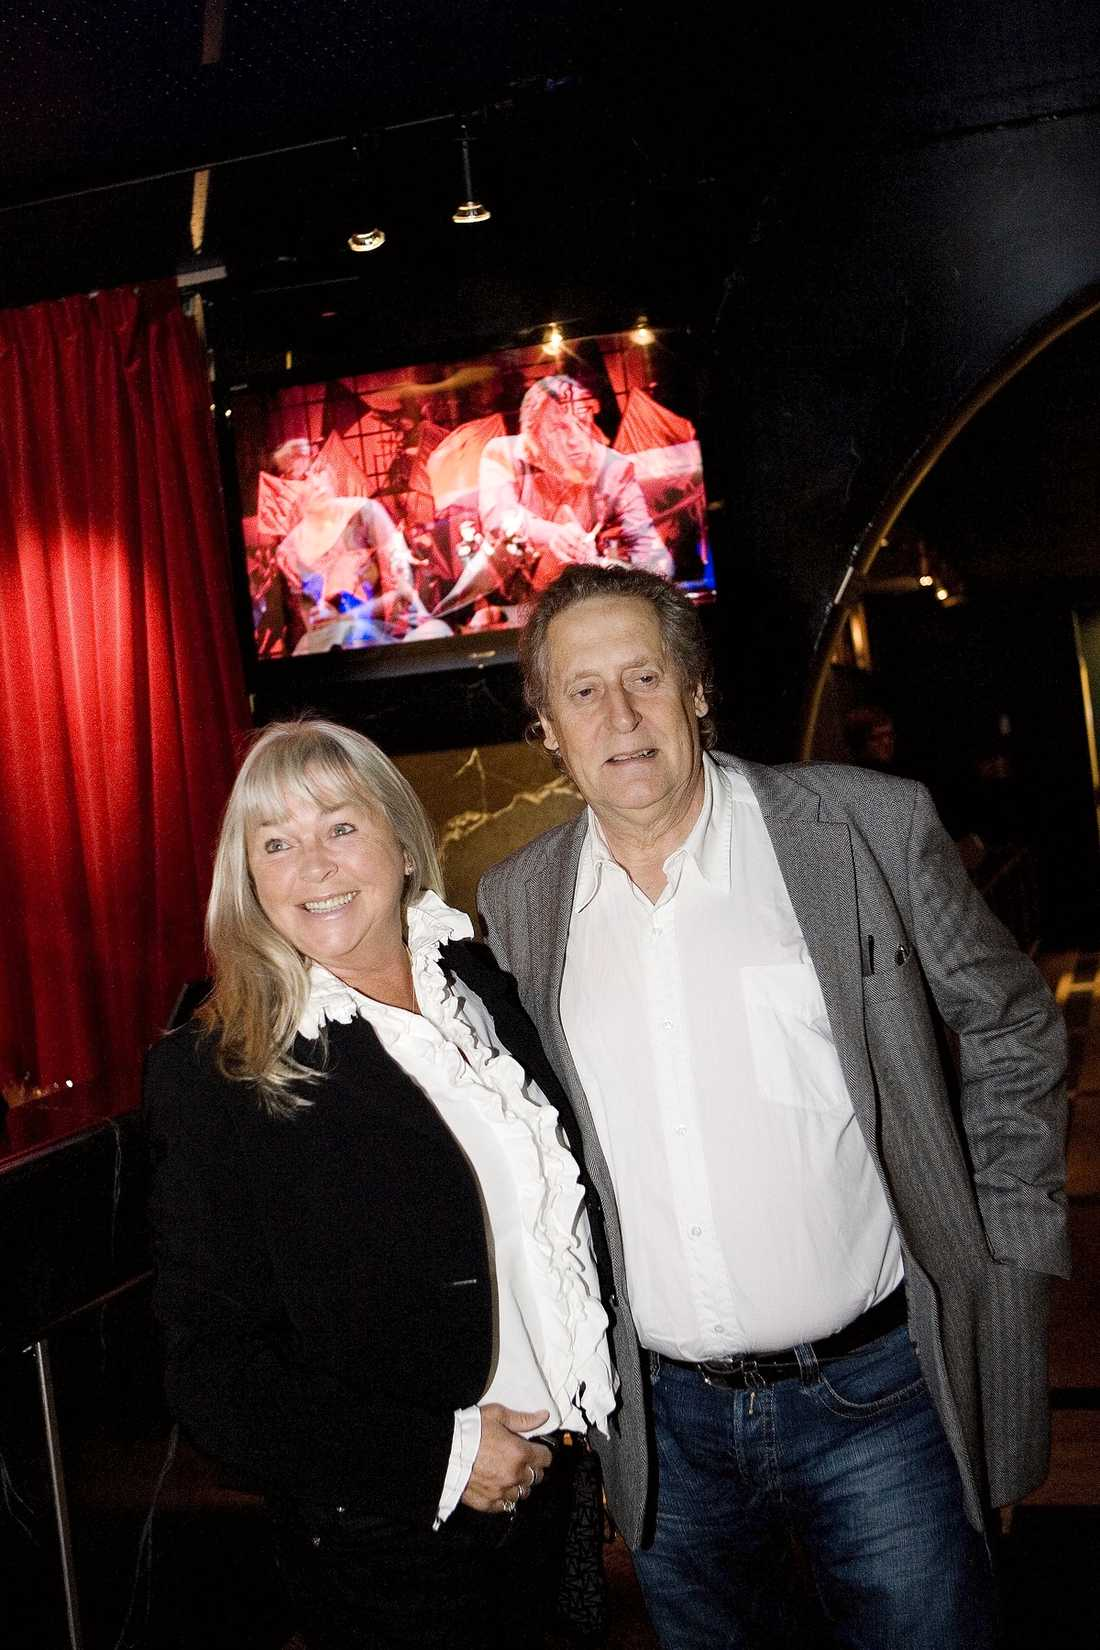 FICK TA FARVÄL FICK TA FARVÄL Lasse Brandeby tillsammans med sin sambo Ninnie Fjelkegård, 65. Paret bodde ihop i många år utanför Göteborg. Hon och flera anhöriga fanns vid Lasses sida när han gick bort.